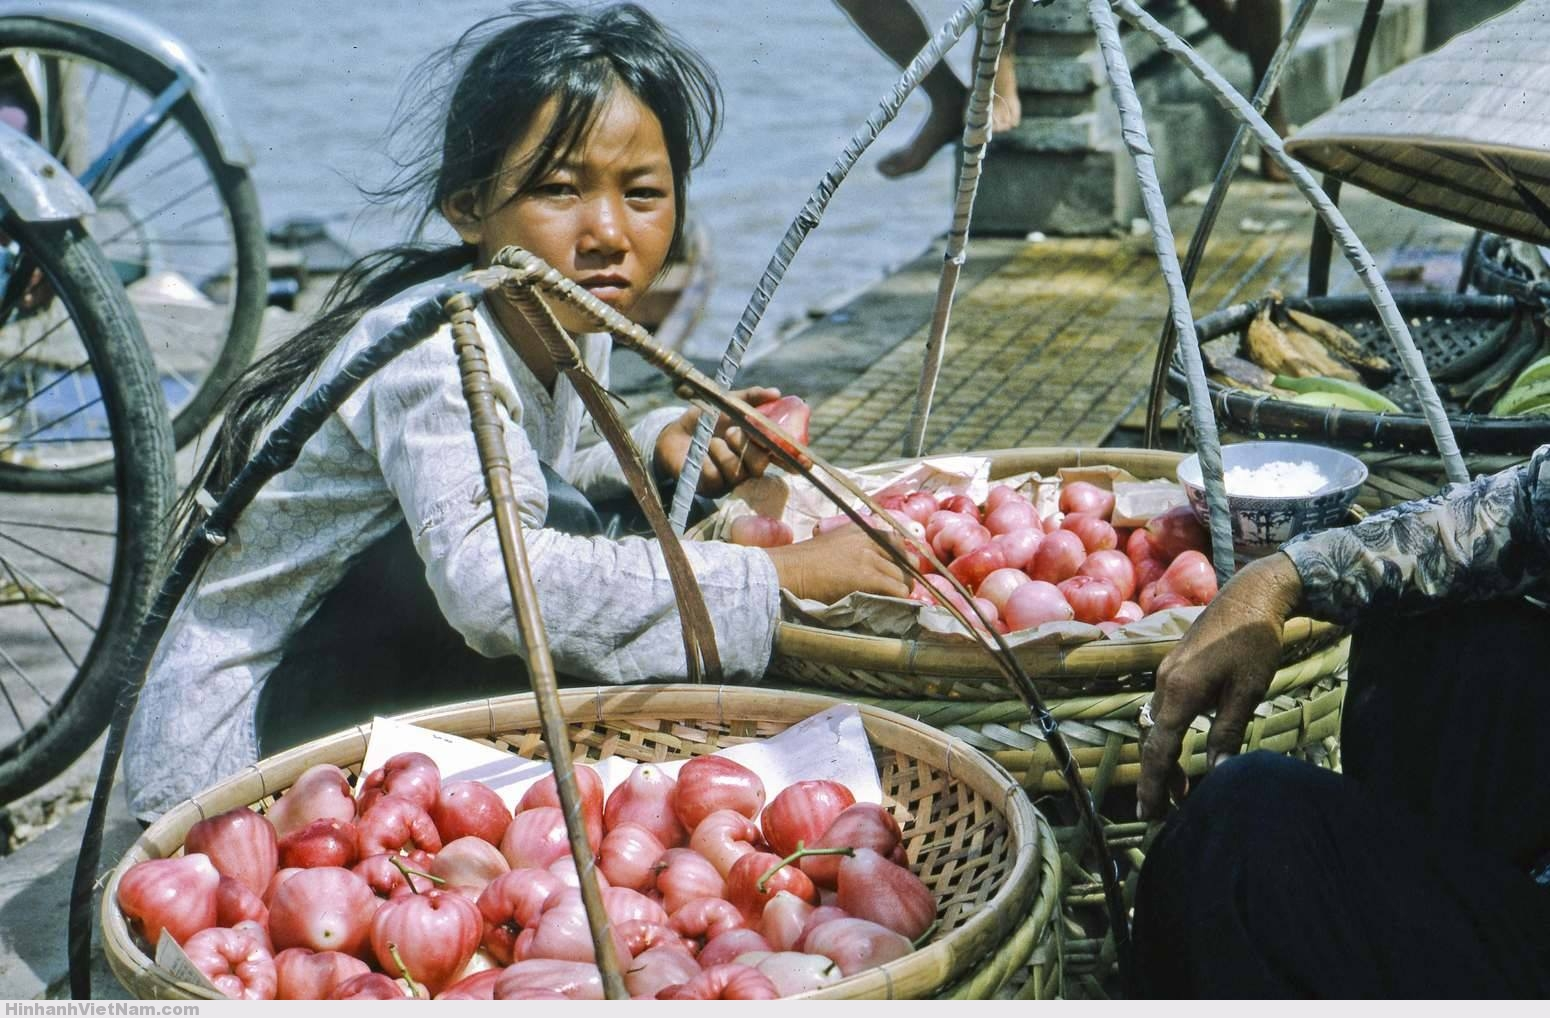 streetlife vietnam - anh dep viet nam xua - sai gon  truoc nam 1975 , VIETNAM PHOTO, , Ảnh đời thường cực đẹp về Miền Nam những năm 1968-1969, saigon xua, con nguoi vietnam